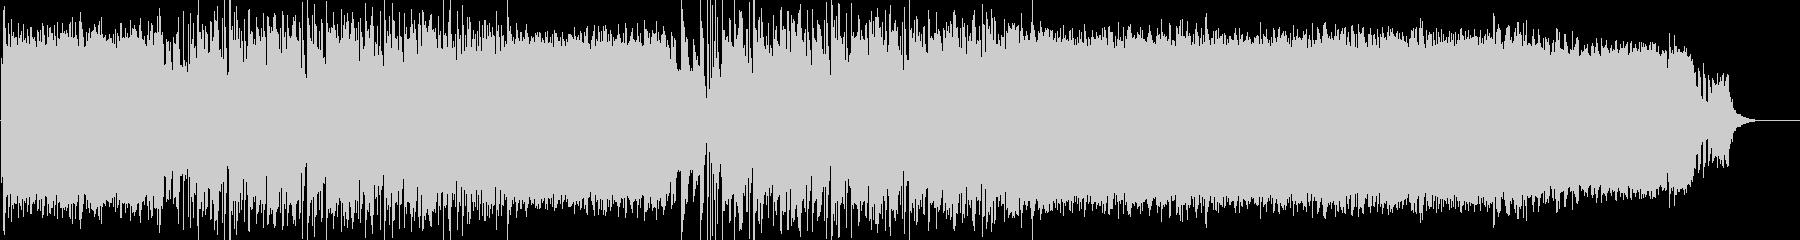 前向きなロックポップのラストバトル曲の未再生の波形